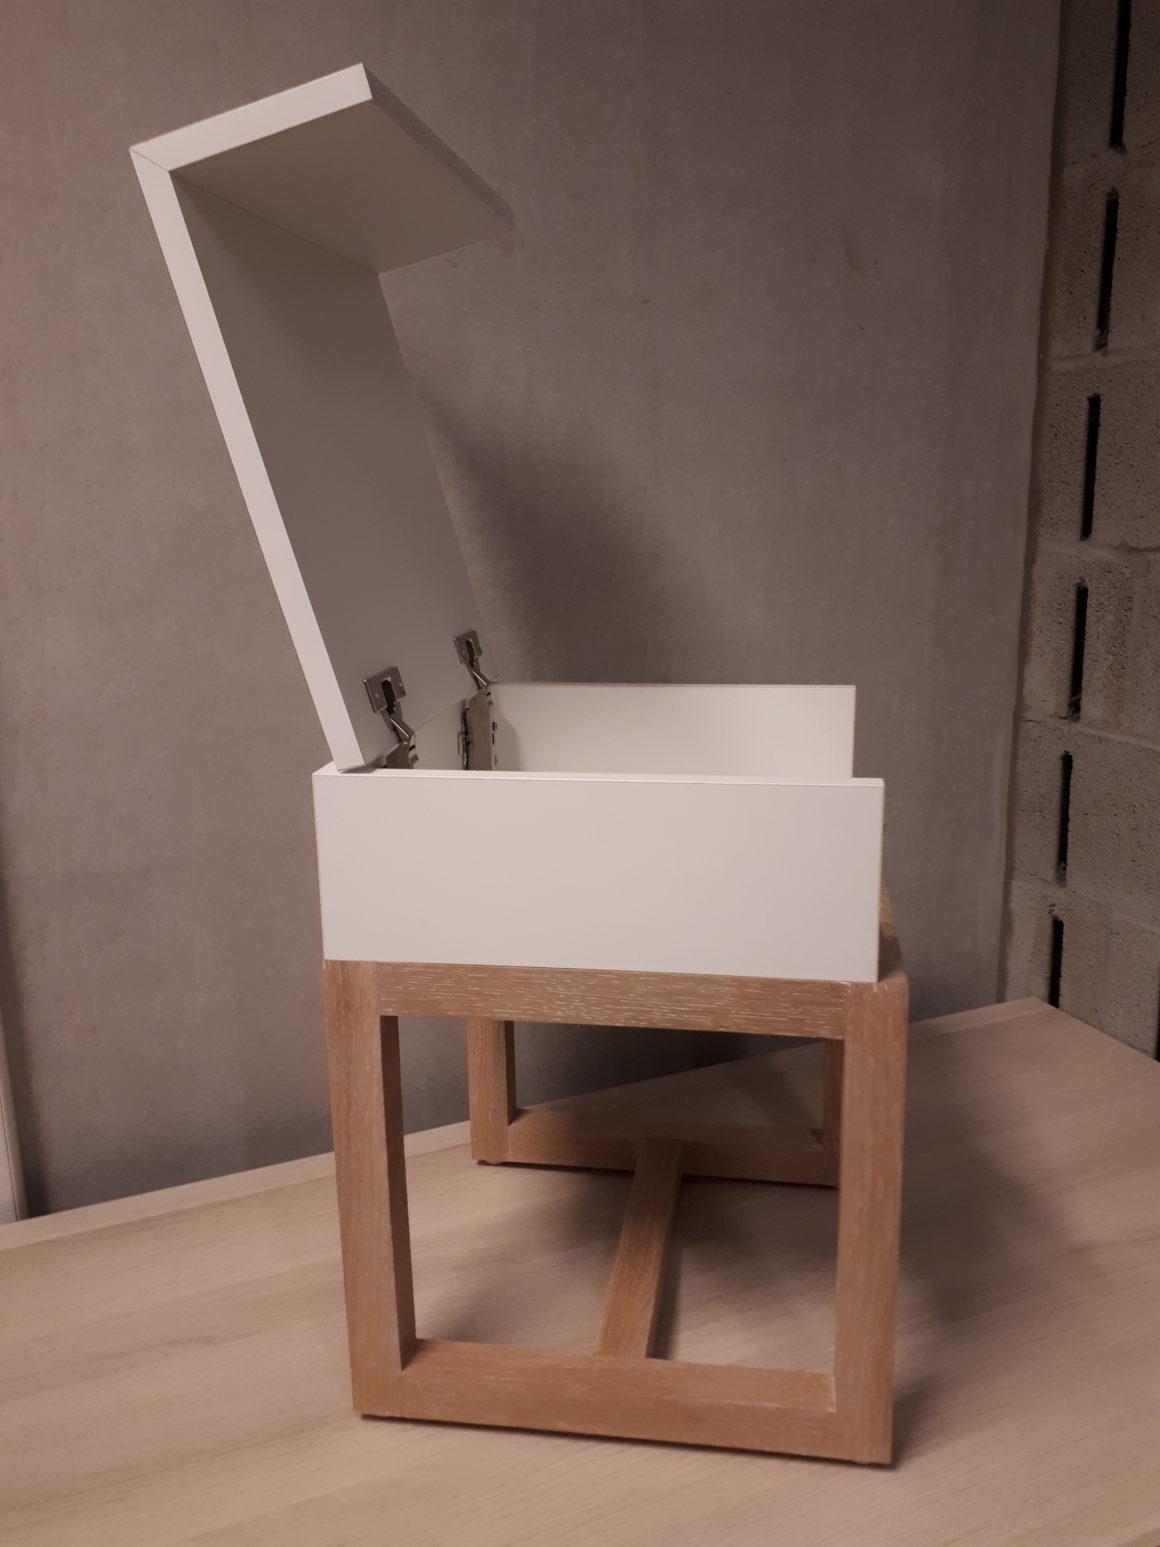 Een uniek opbergsysteem ontwikkeld door de leerlingen van Houttechnieken